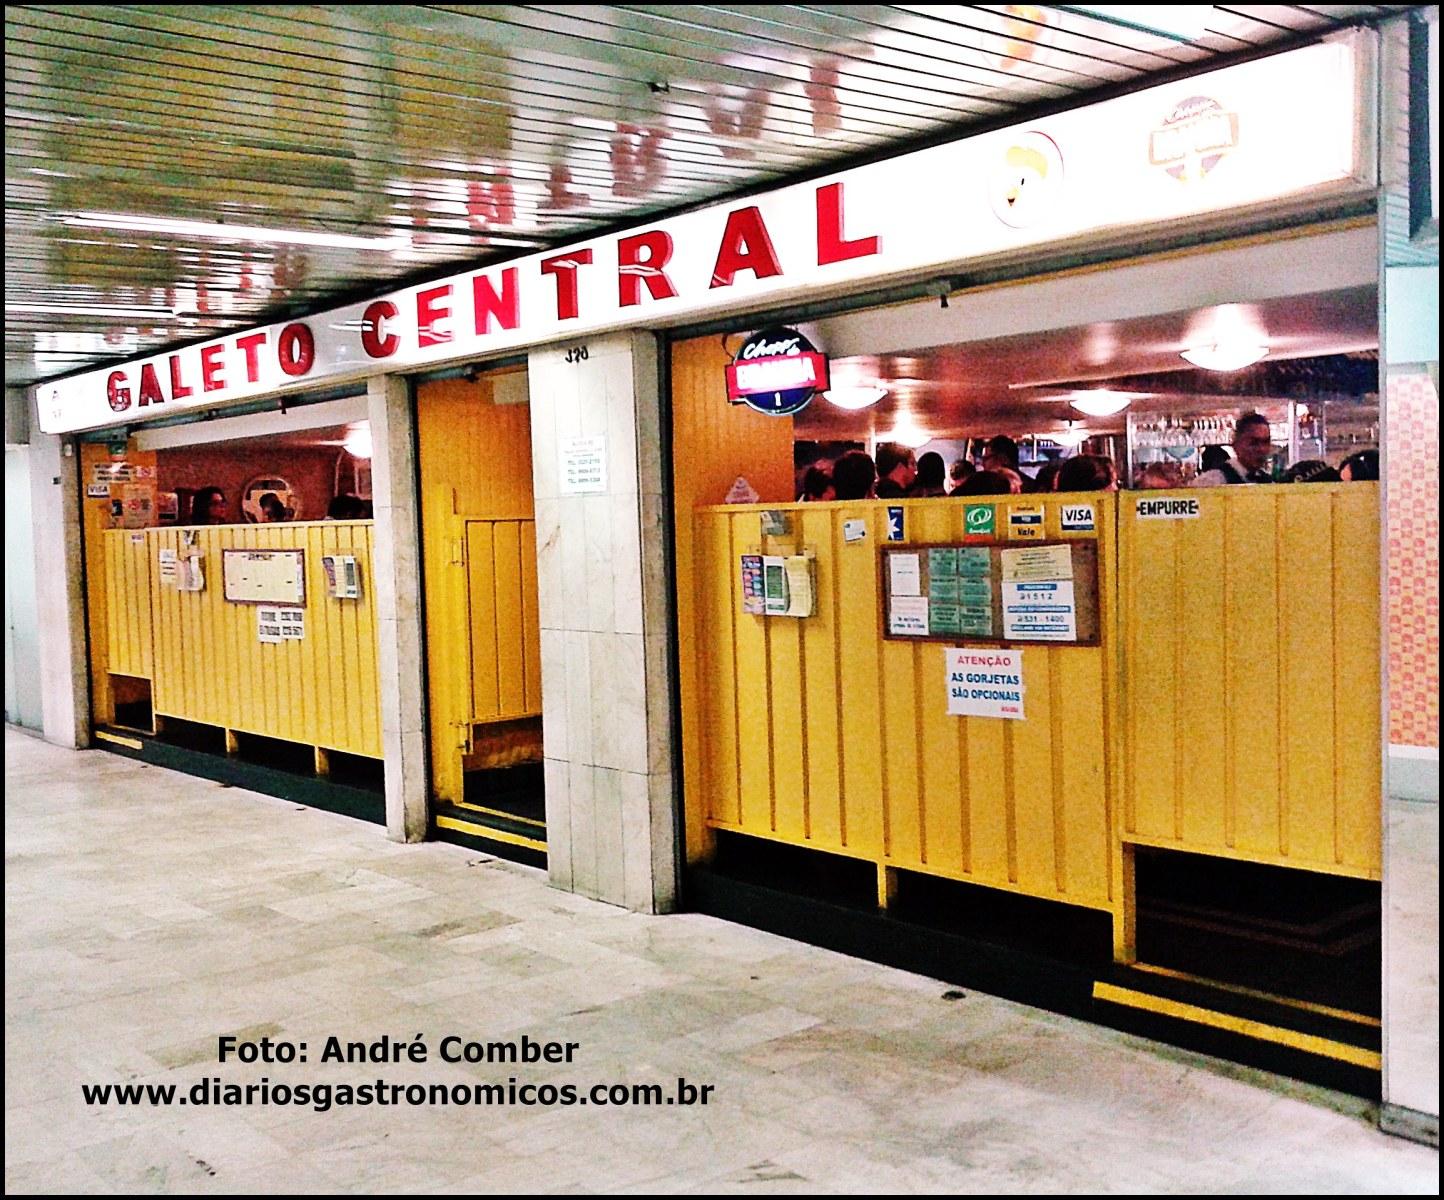 Galeto Central, Rio de Janeiro, braseiro